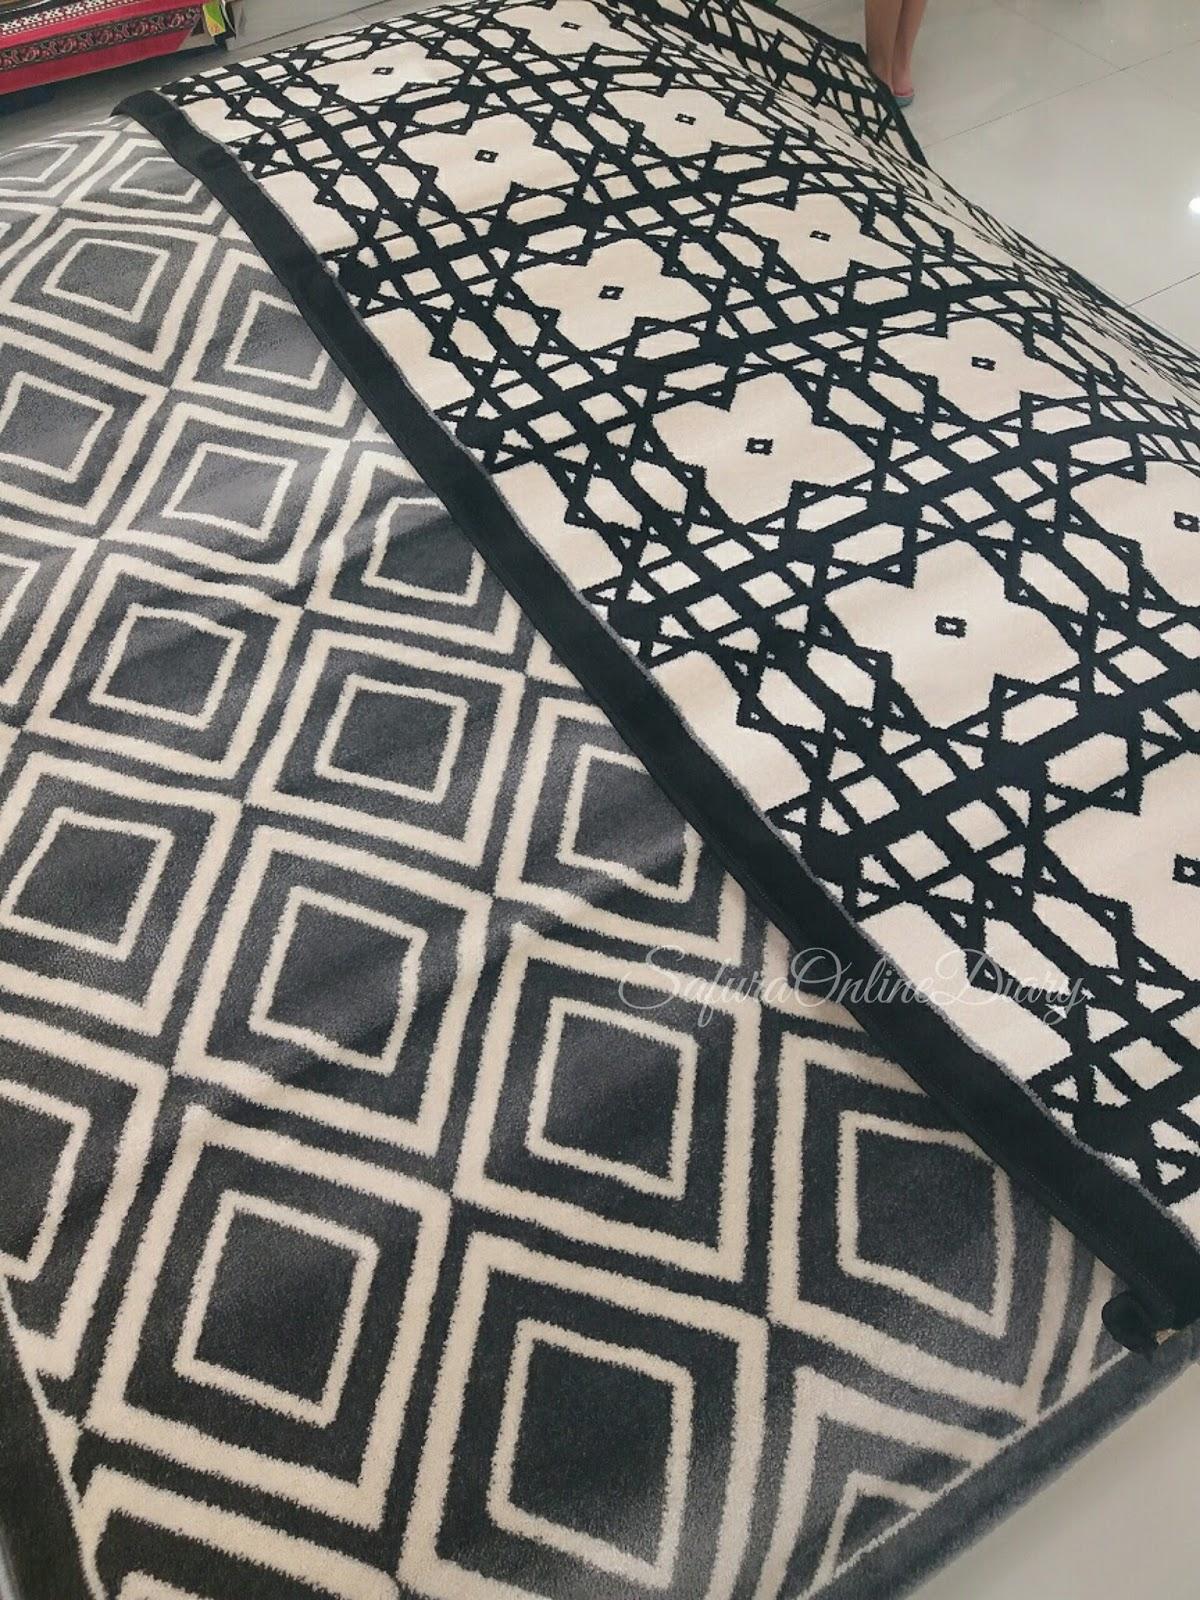 Beli Langsir Di Kaison Almari Tv Di Ikea Karpet Di Lulu Safura Online Diary